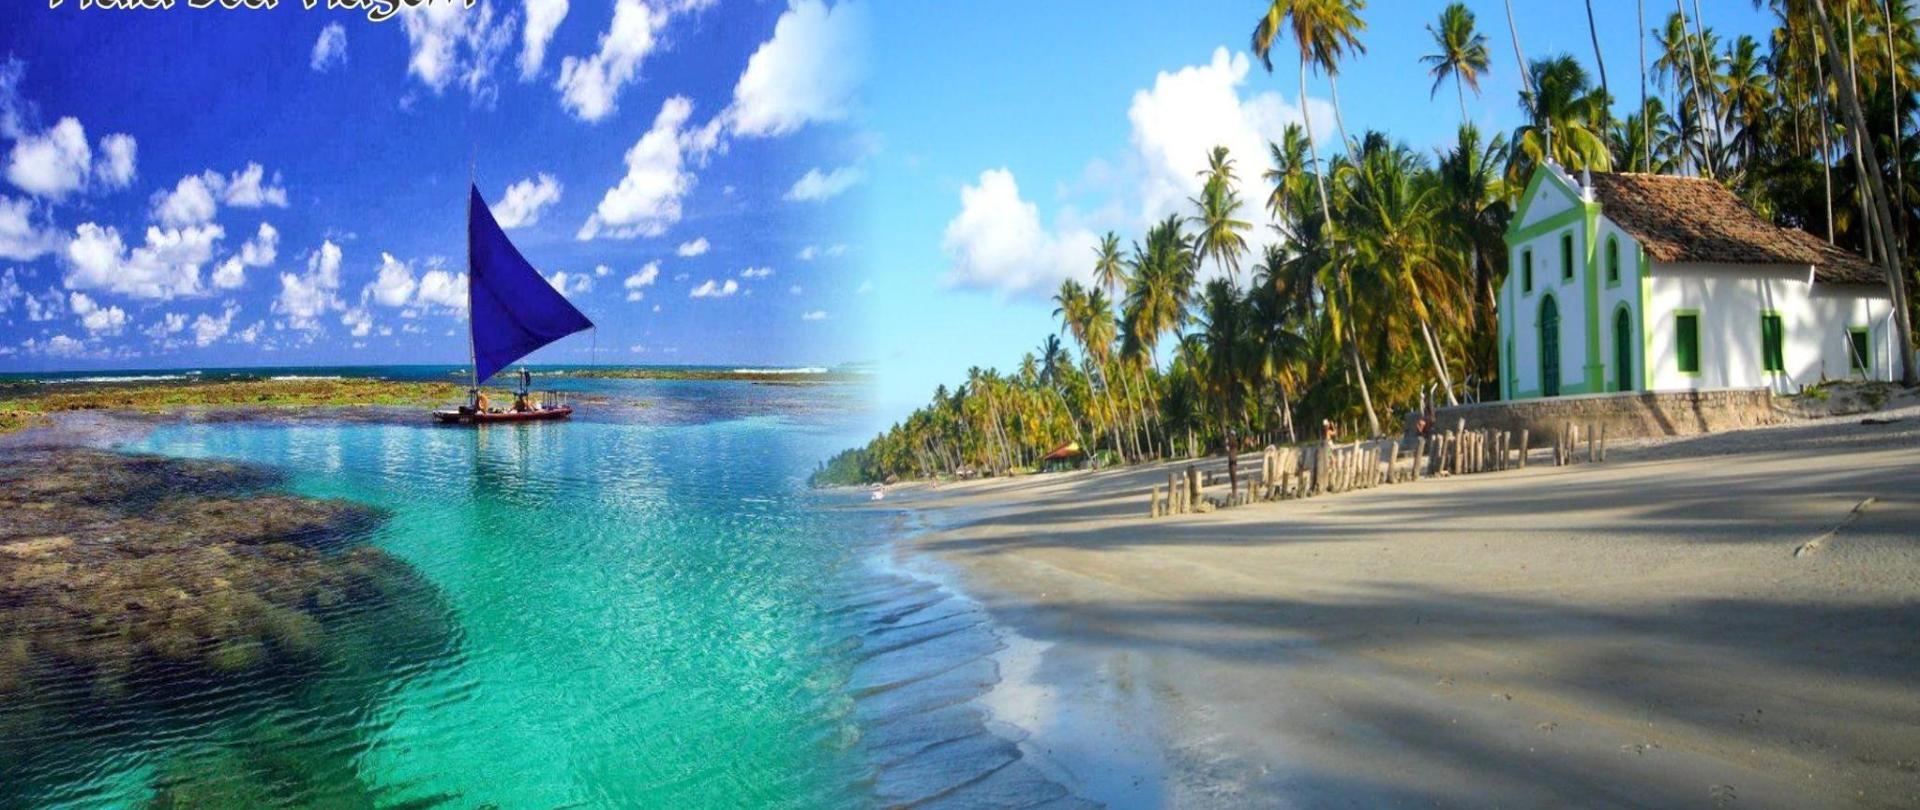 Homenagem as melhores praias de Pernambuco.